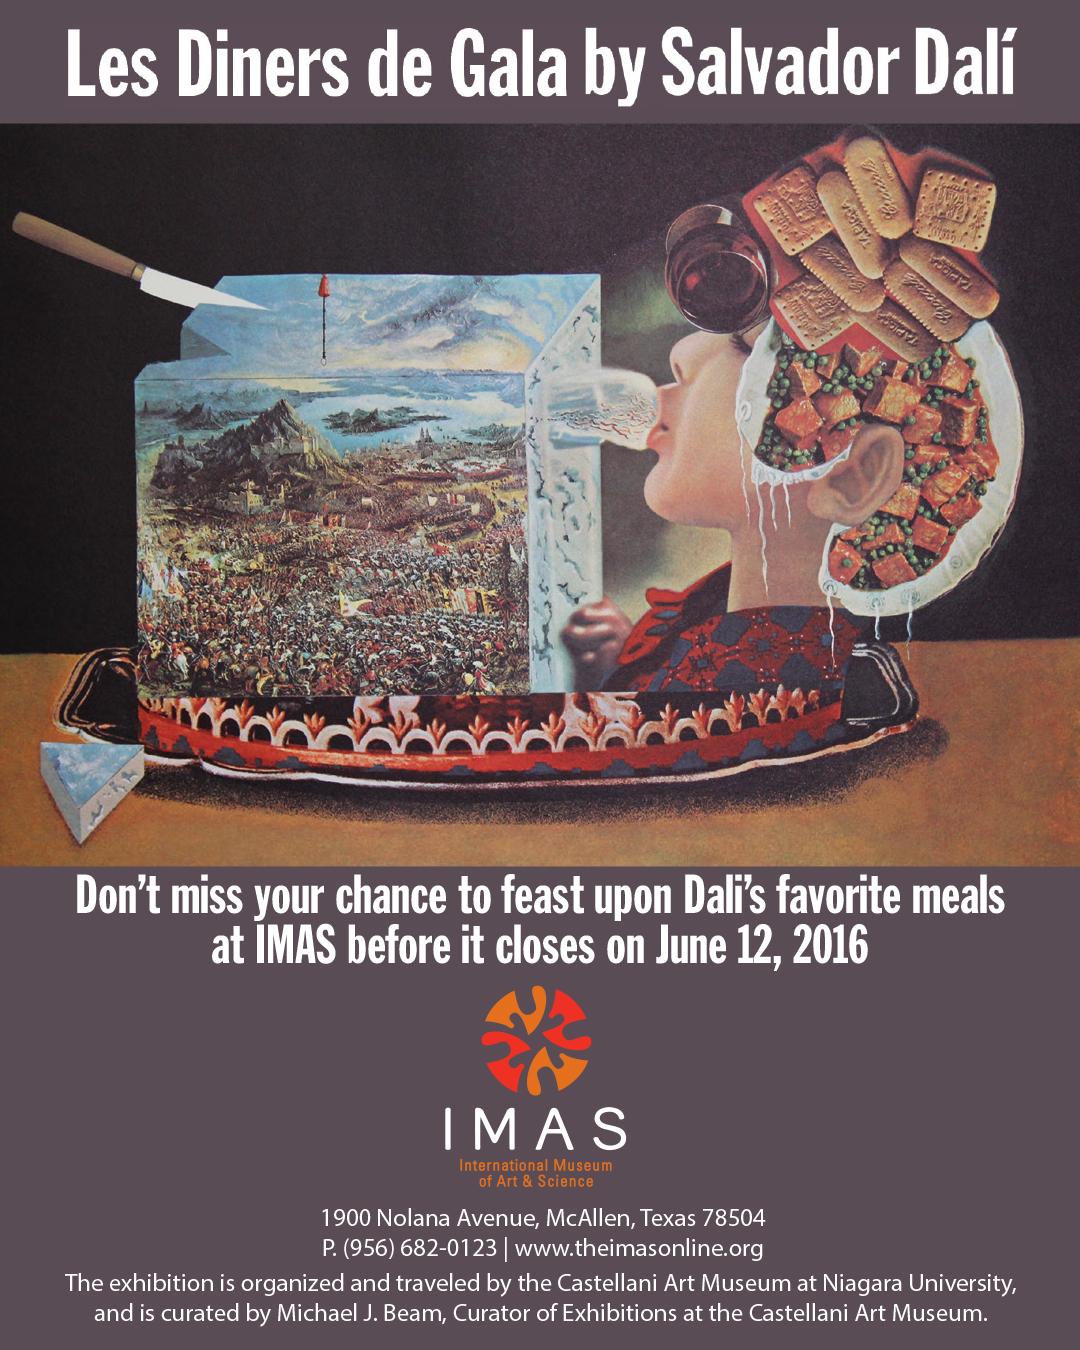 imas_deli-closing-ad